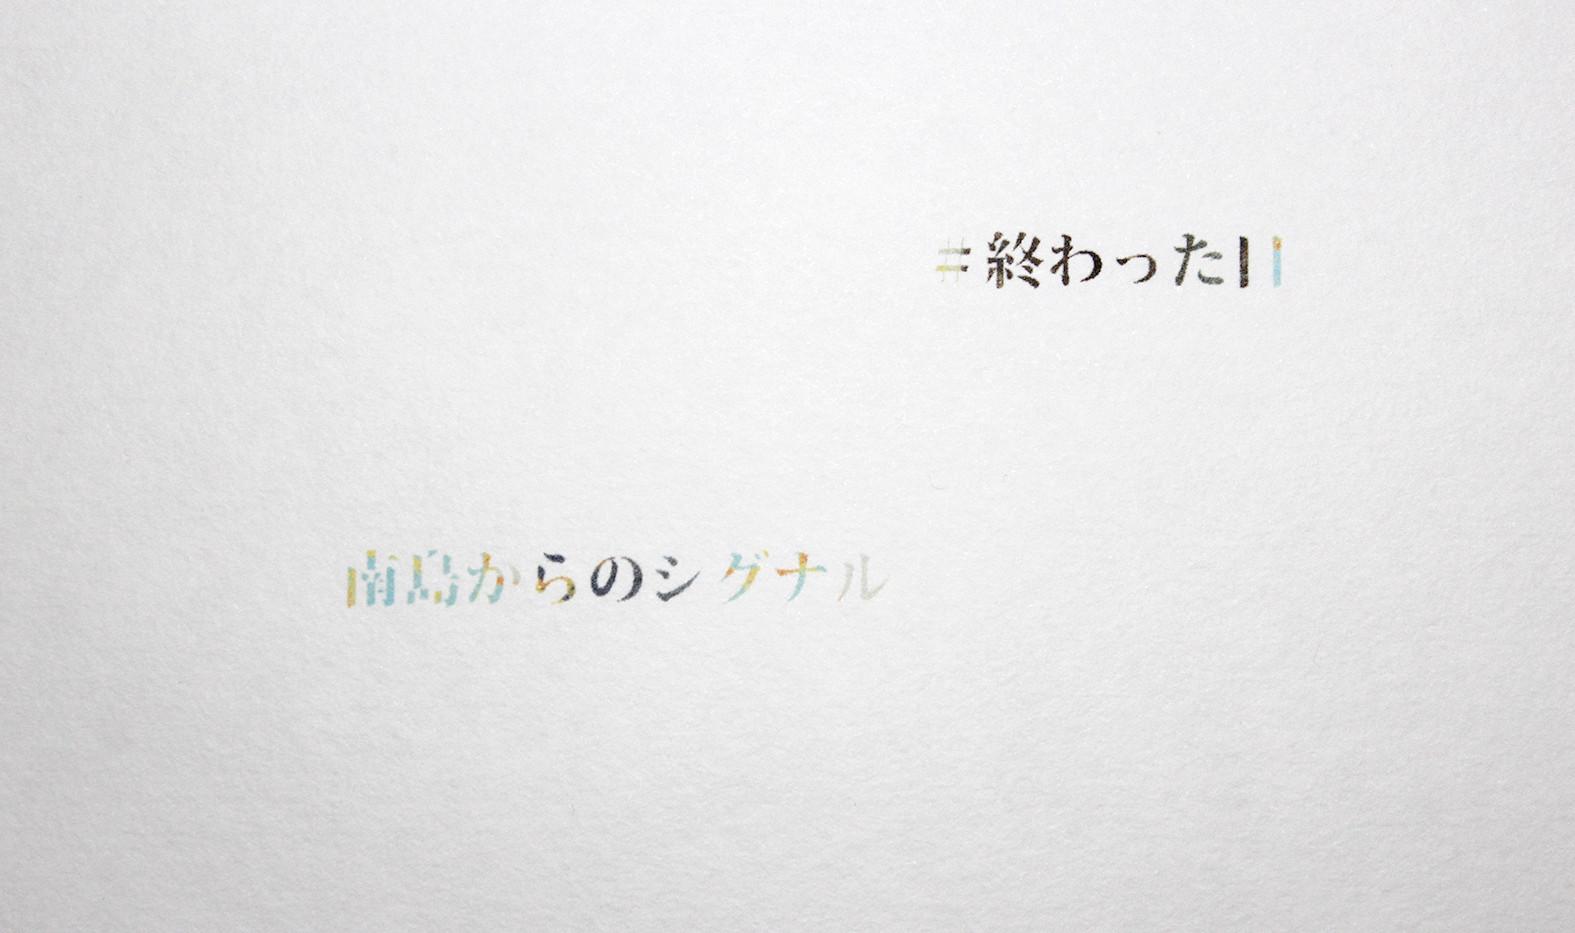 """""""南島からのシグナル""""タイトル・#タグ"""